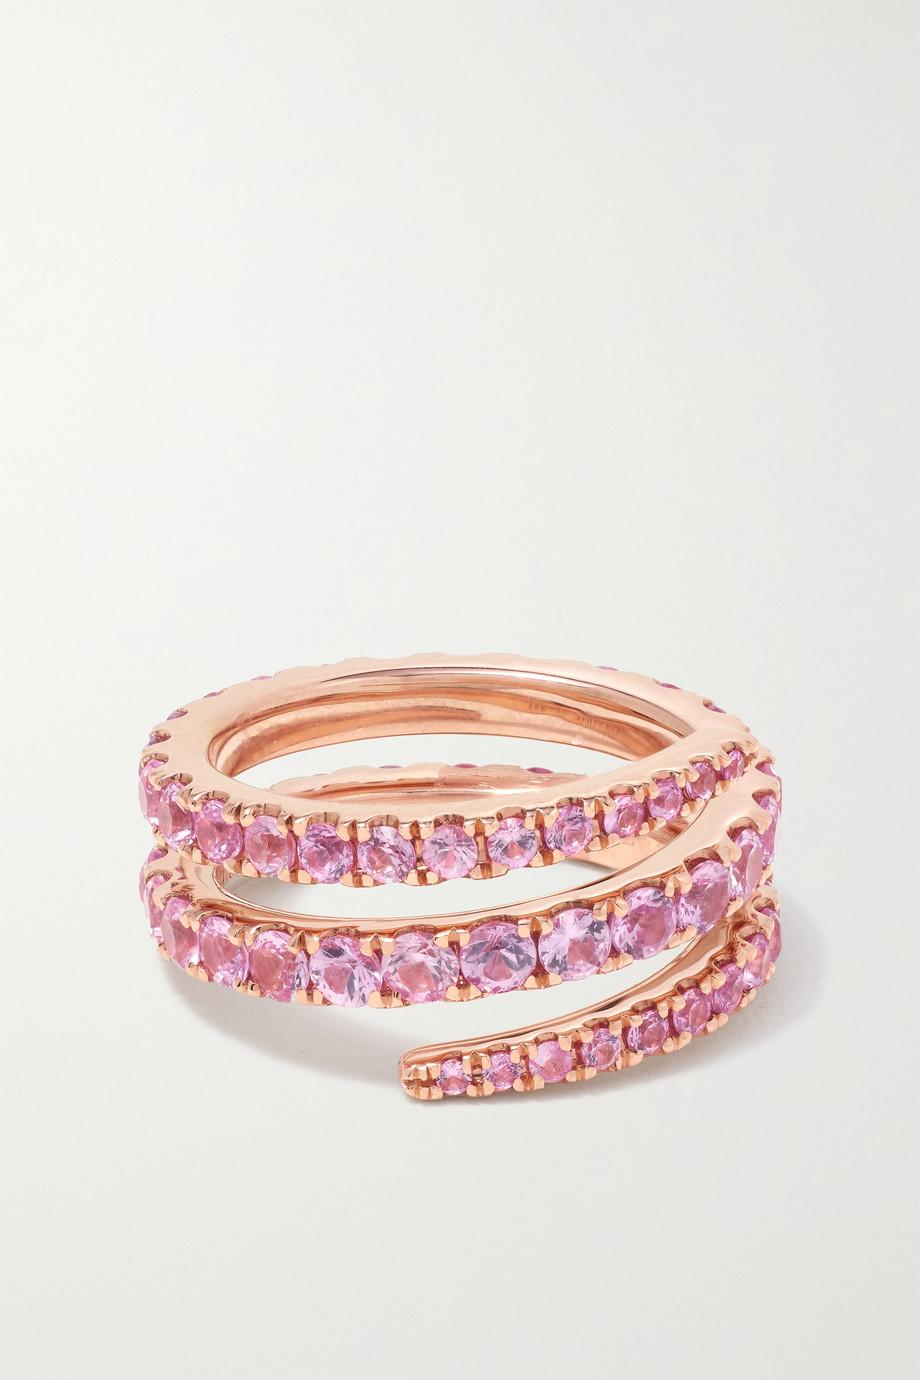 Anita Ko Coil 18-karat rose gold sapphire ring